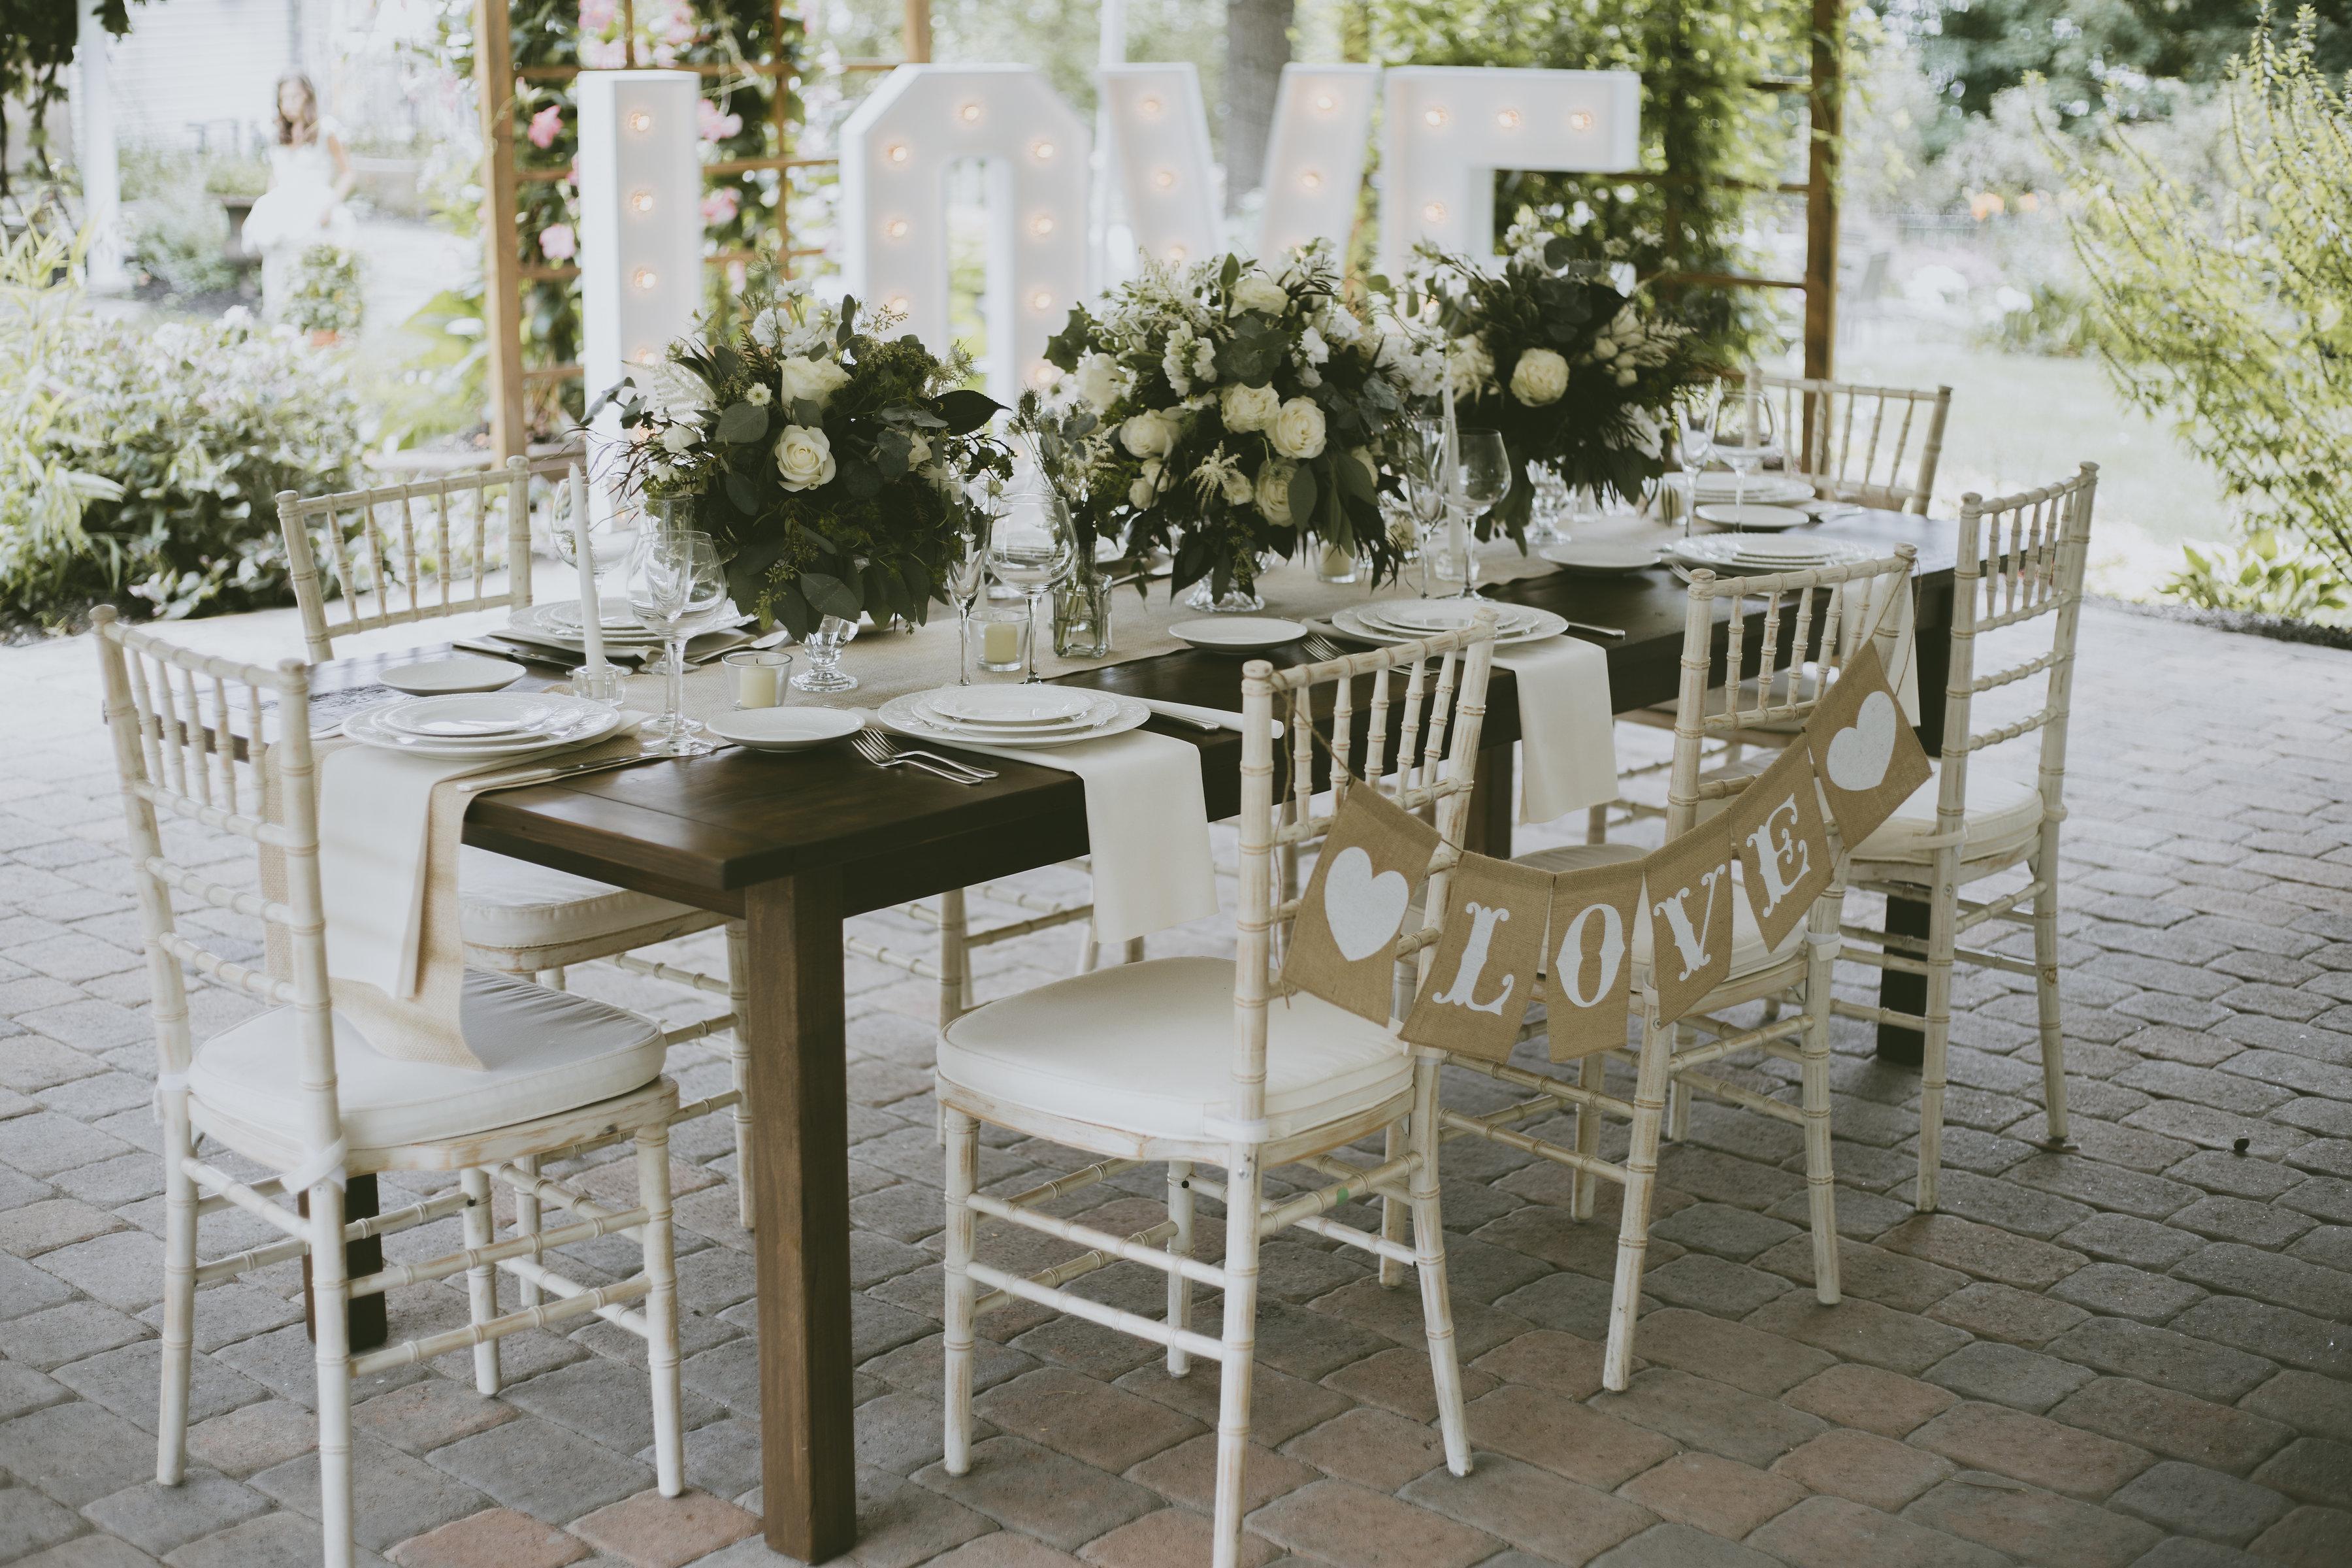 170807_Robinson_BoHoStyled_Wedding_325